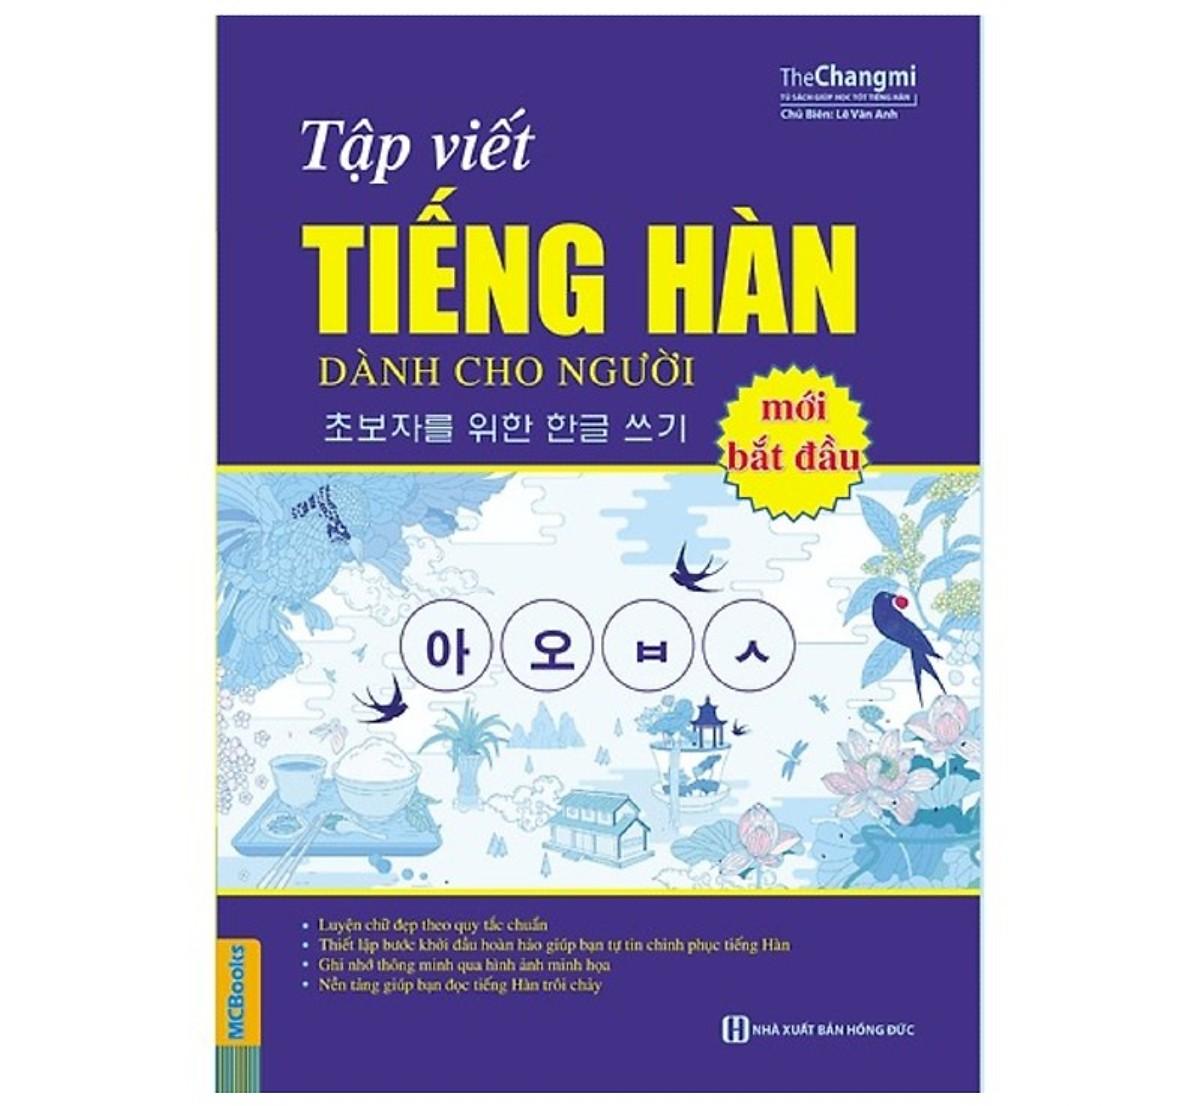 Tập viết Tiếng Hàn ( Tái Bản) (Tặng kèm Booksmark)